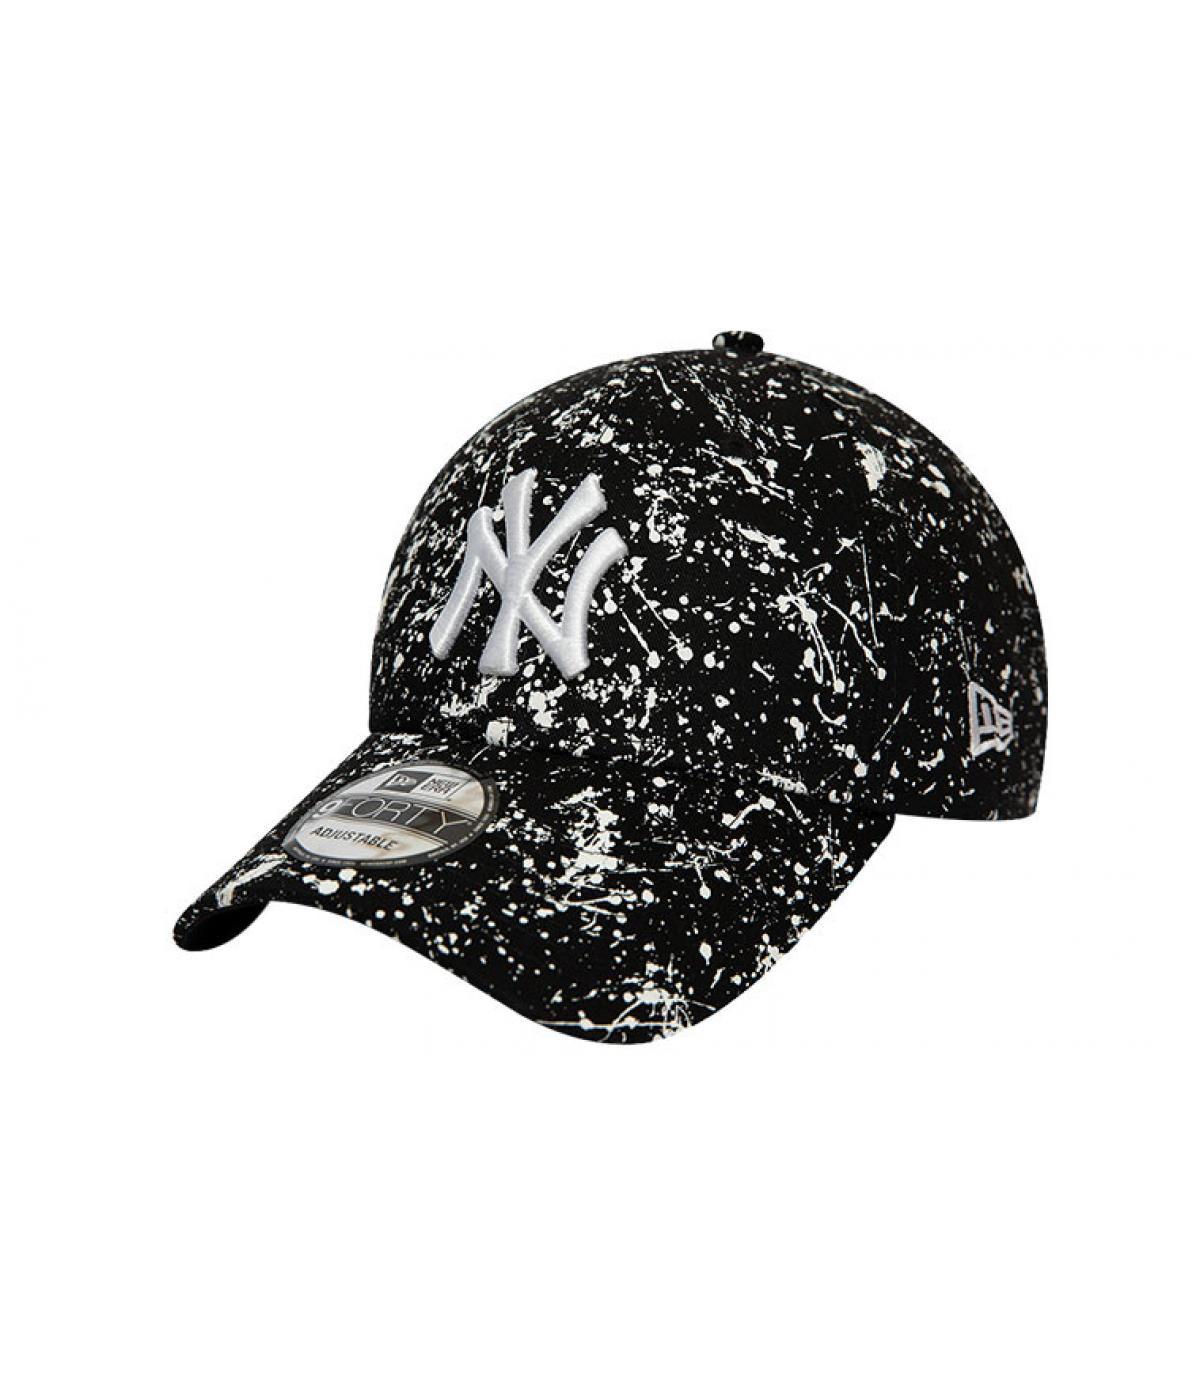 Details Cap MLB Paints NY 940 black - Abbildung 2